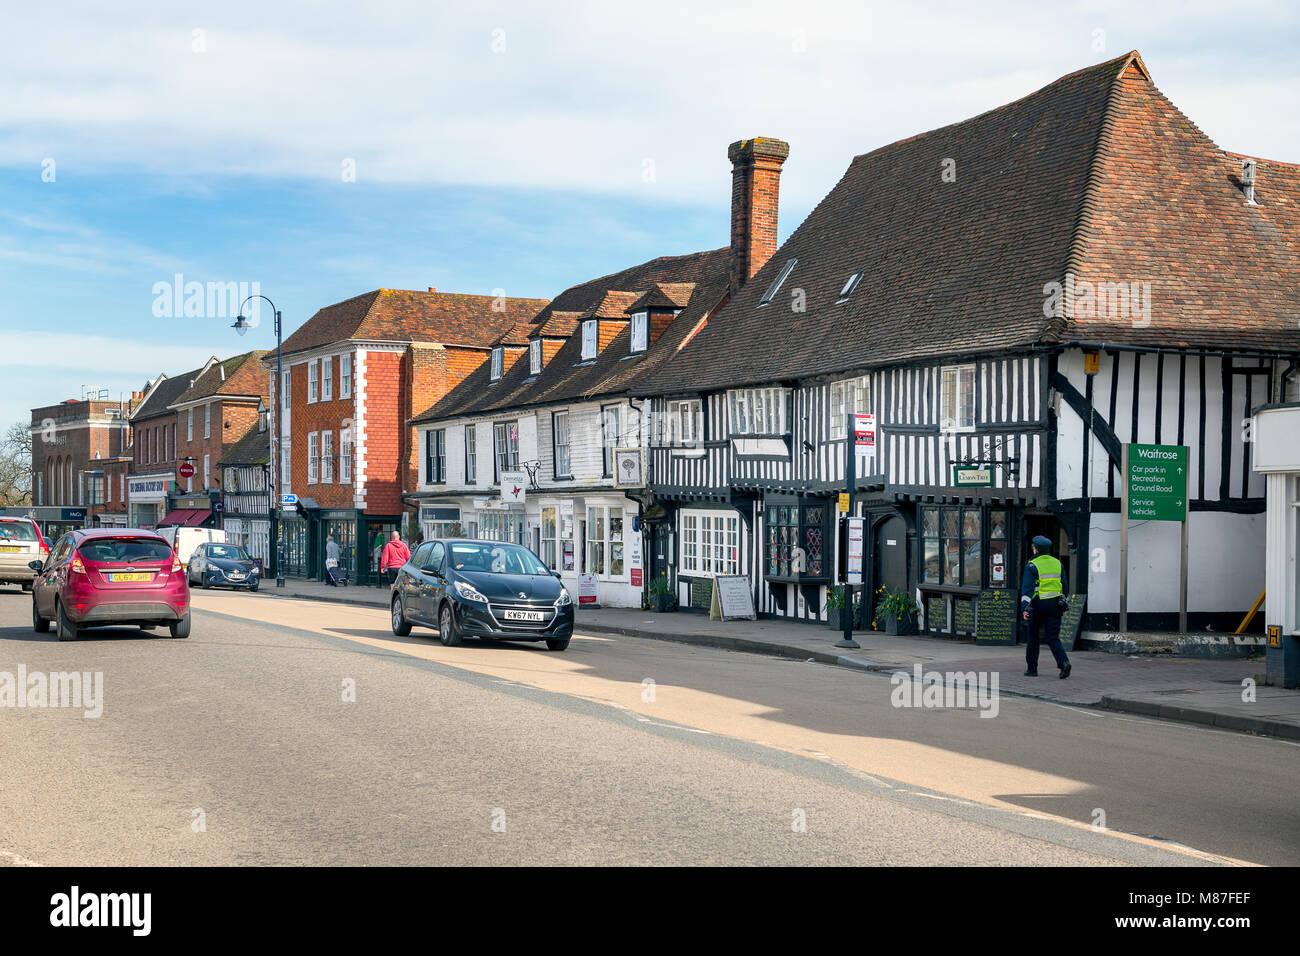 View along the high street, Tenterden Kent - Stock Image